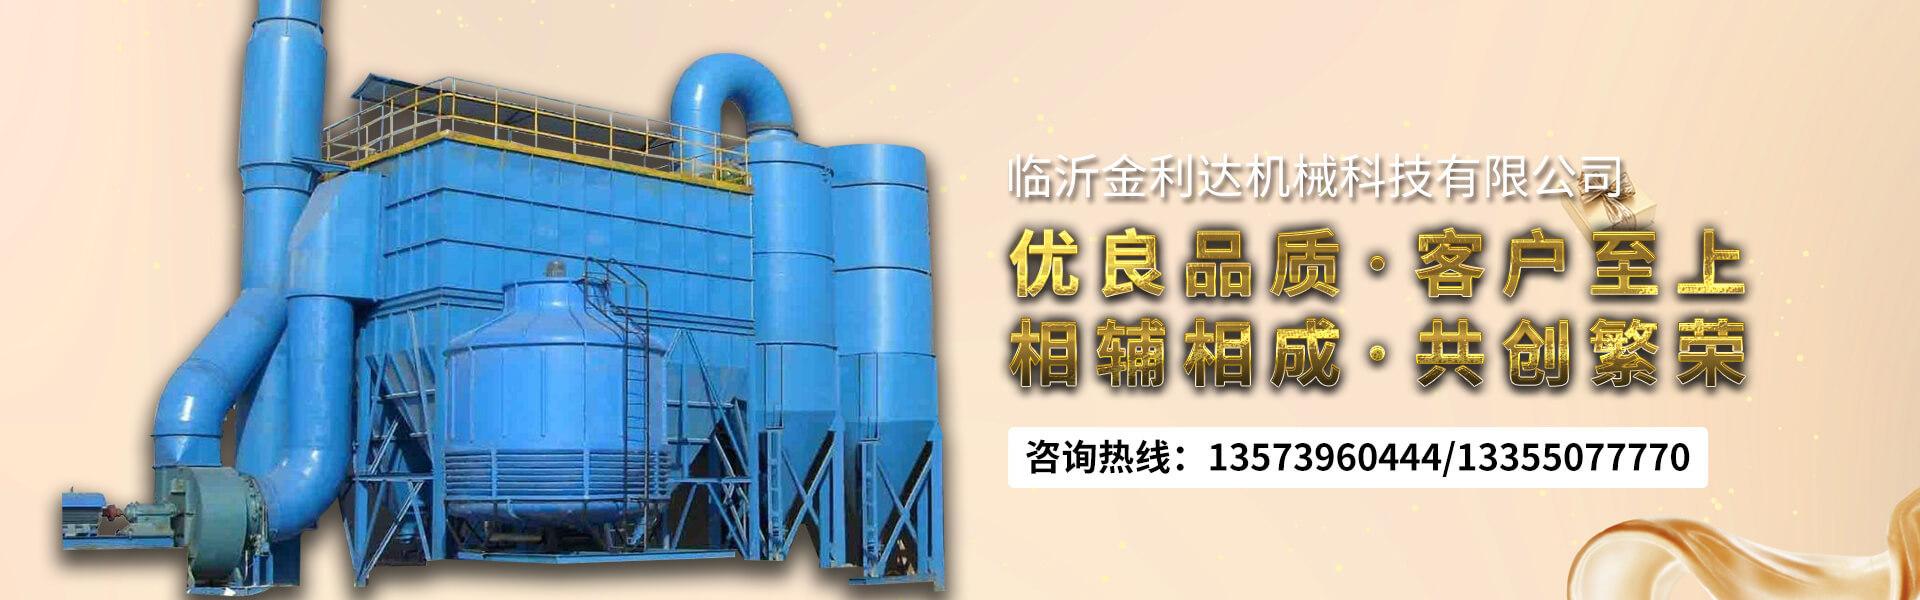 脫硫脫硝一體化除塵設備,高錳鋼鑄造件廠家,脈沖除塵器生產廠家,噴霧干燥塔及陶瓷原料設備,脫硫除塵一體化設備